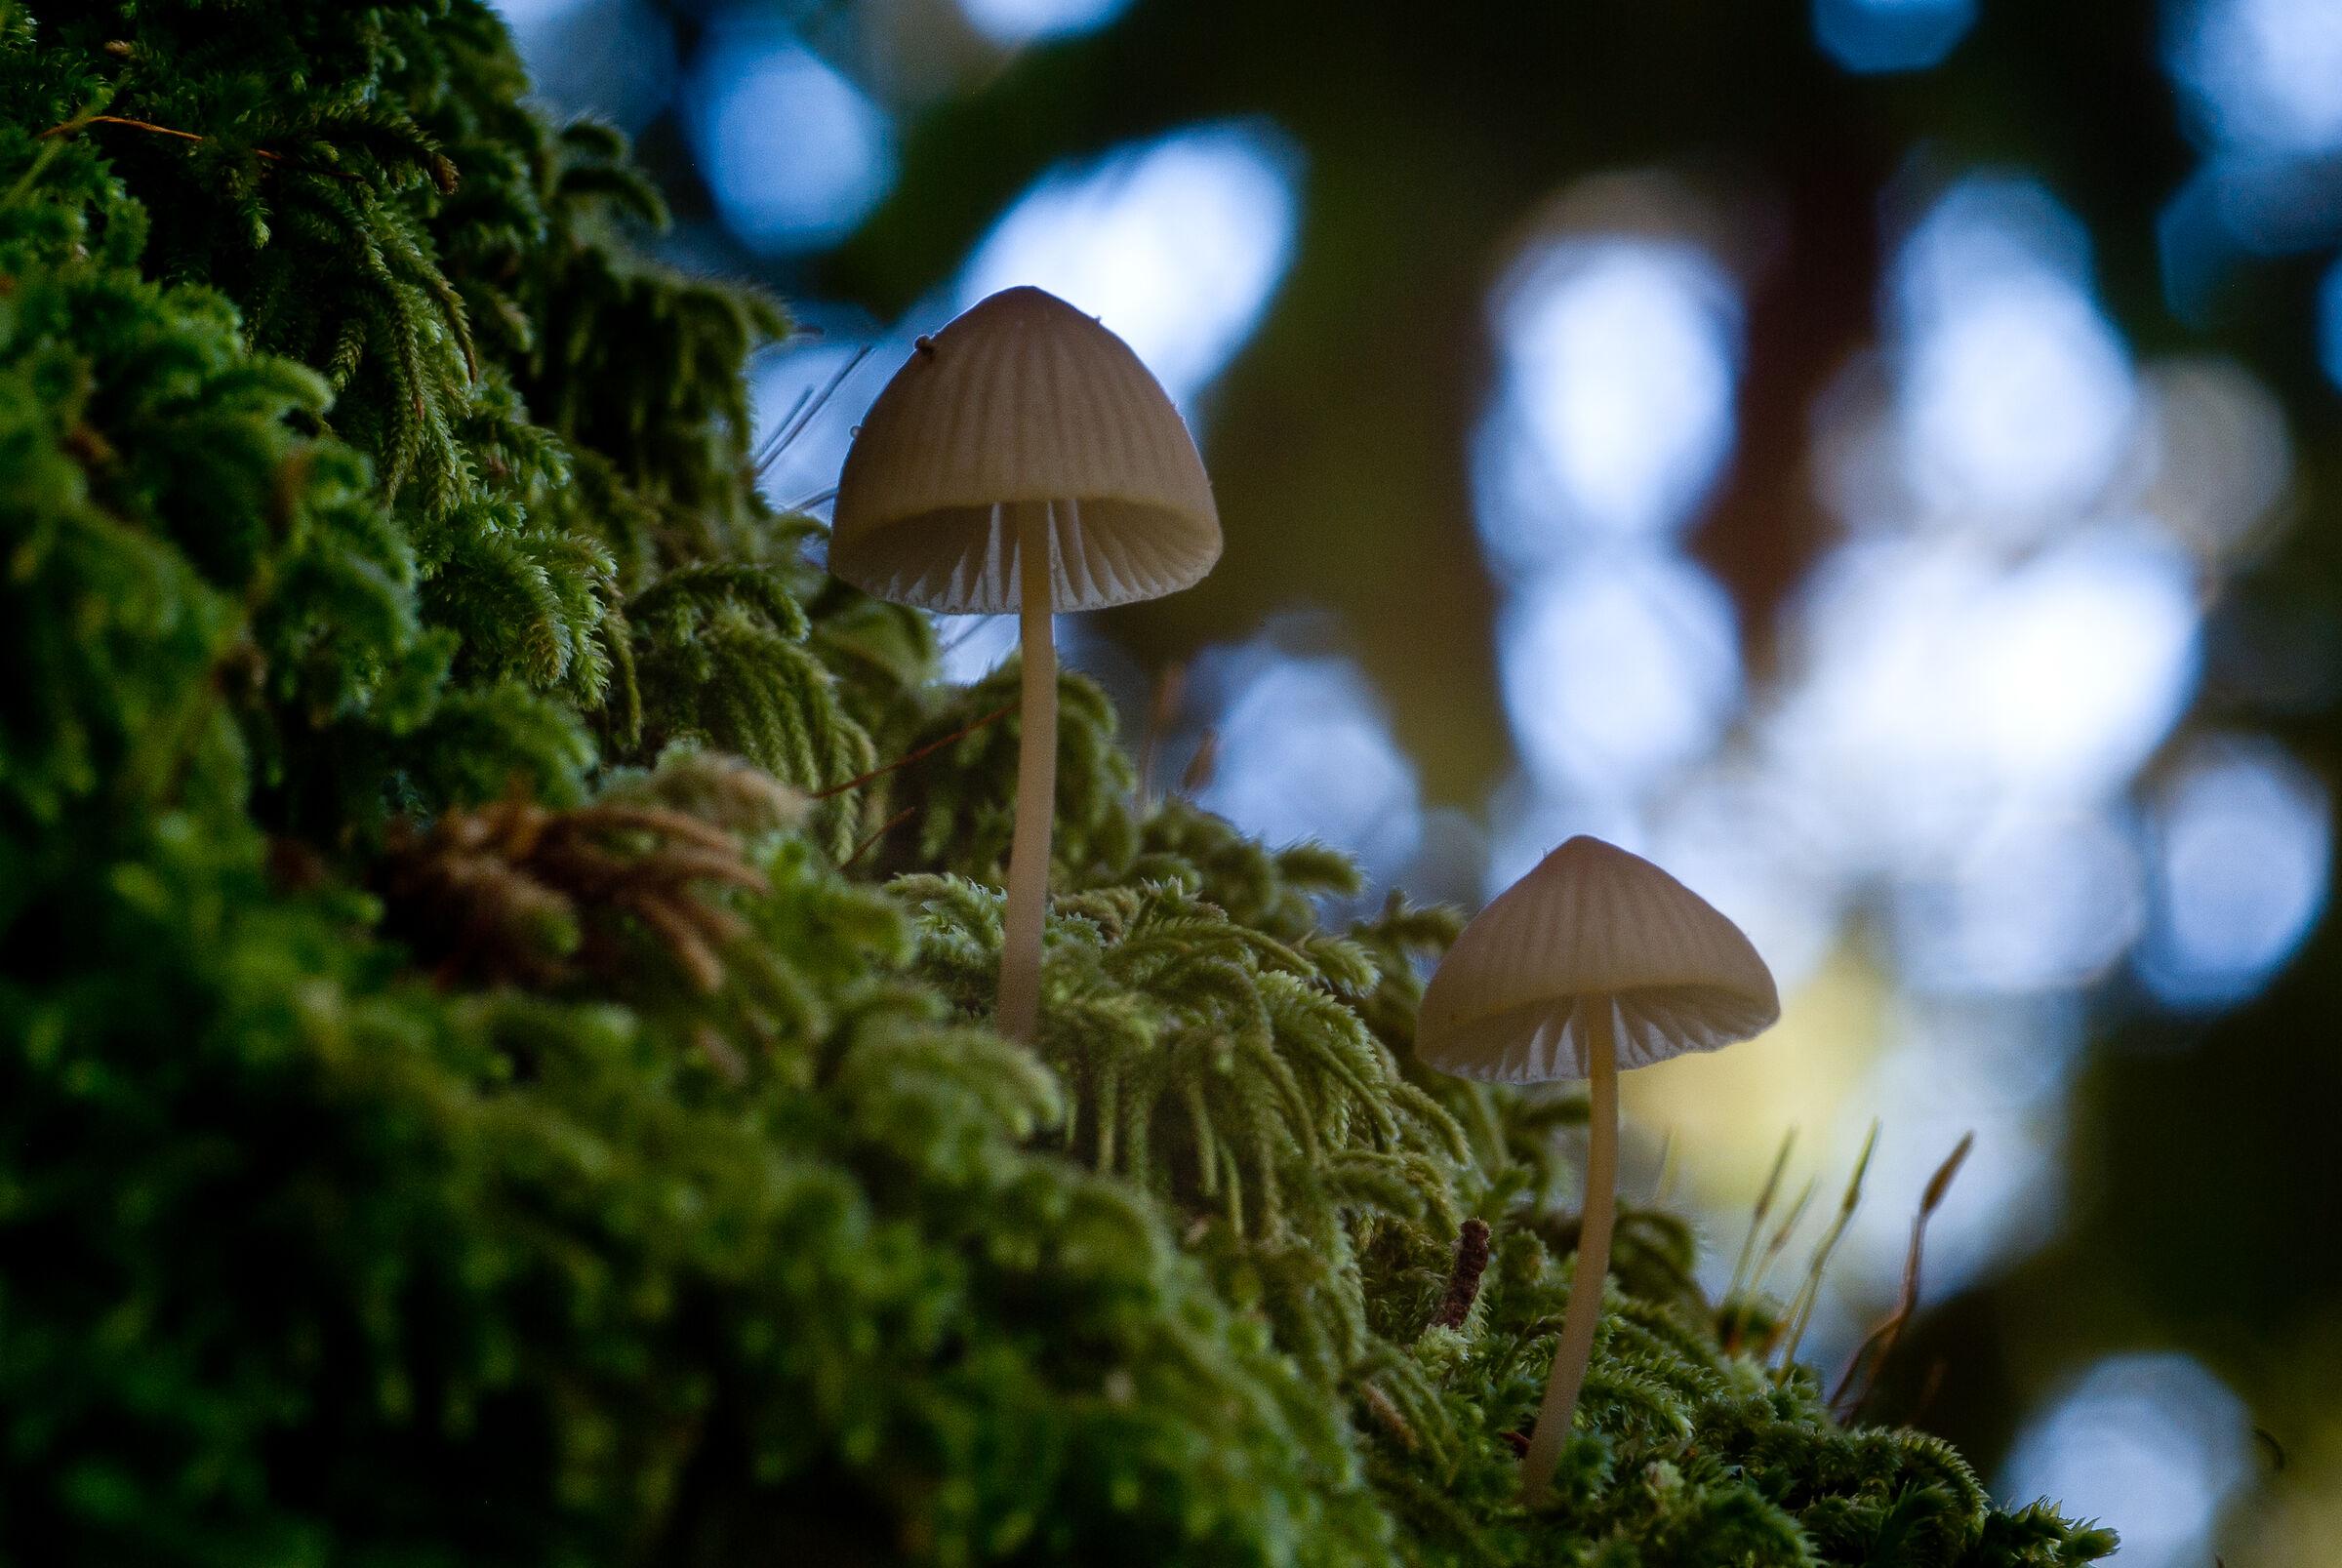 Little mushrooms...